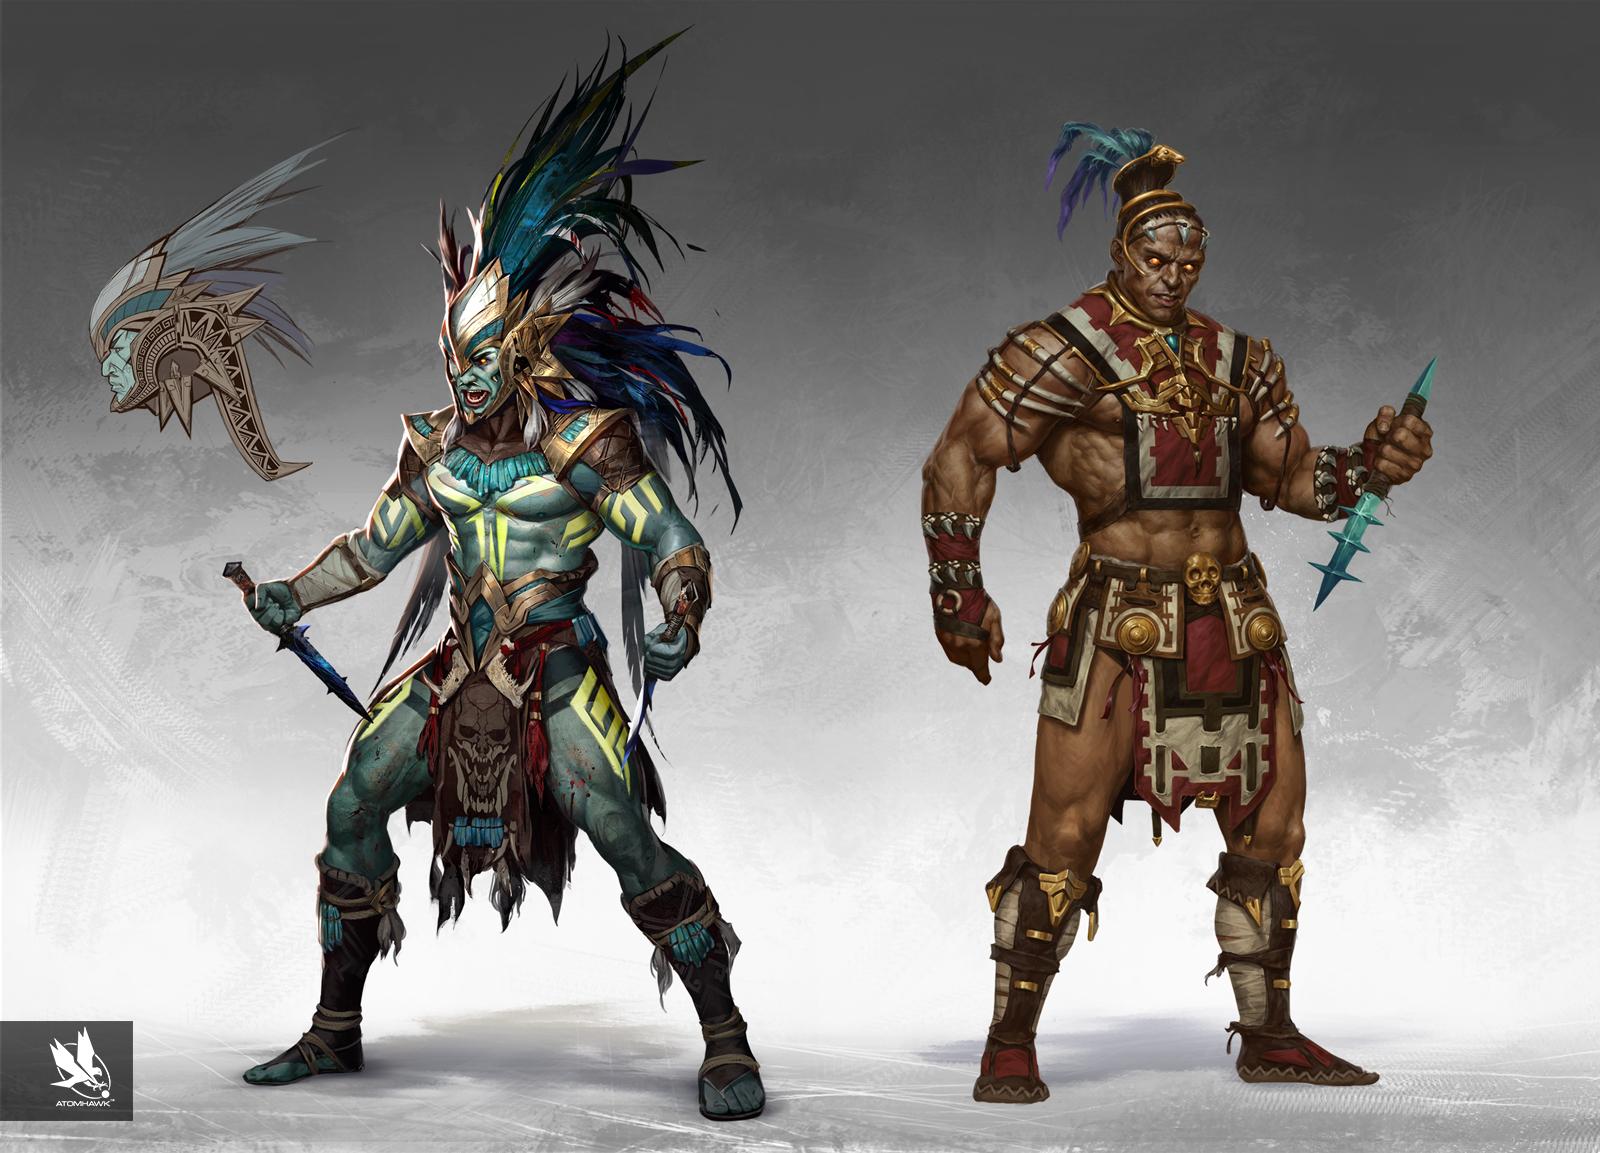 Atomhawk_Warner-Bros-NetherRealm_Mortal-Kombat-11_Concept-Art_Character-Design_Side-by-Side_Kotal-Kahn.jpg